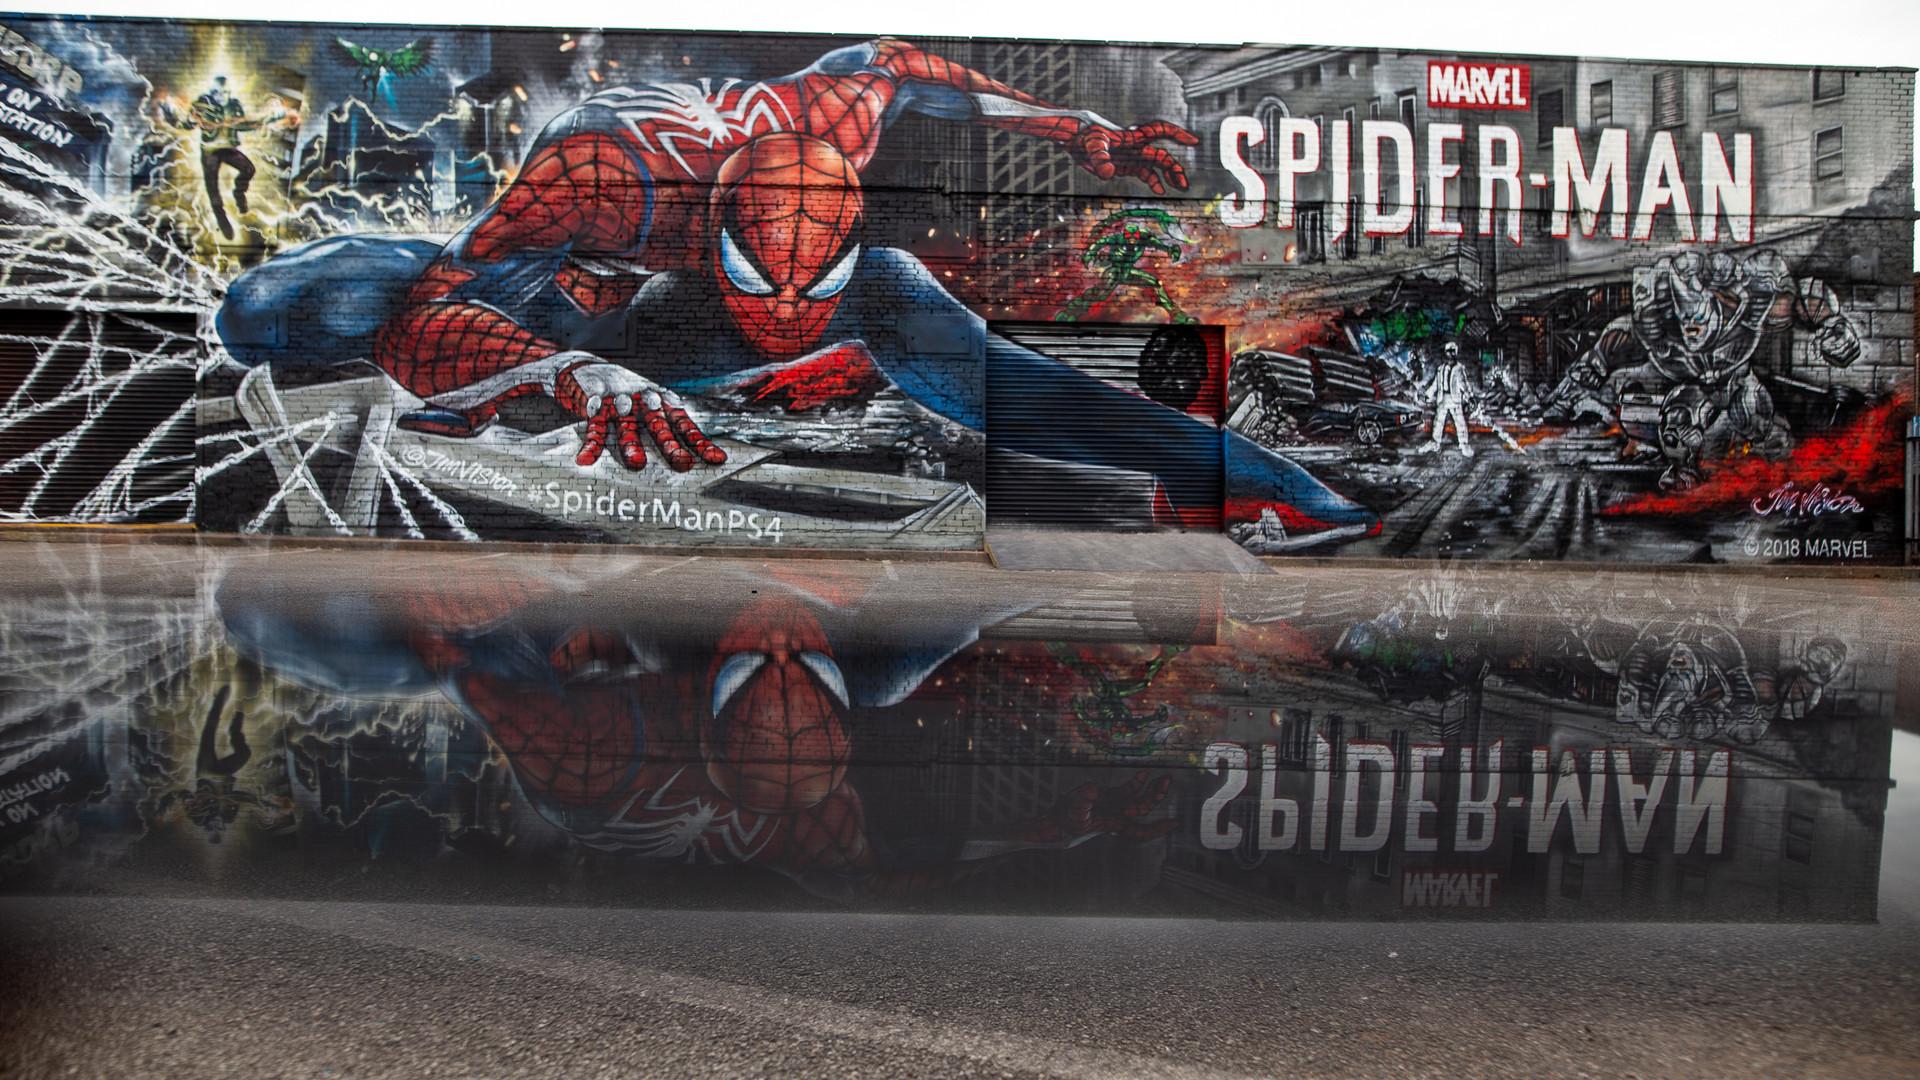 Spider-Man Reflection